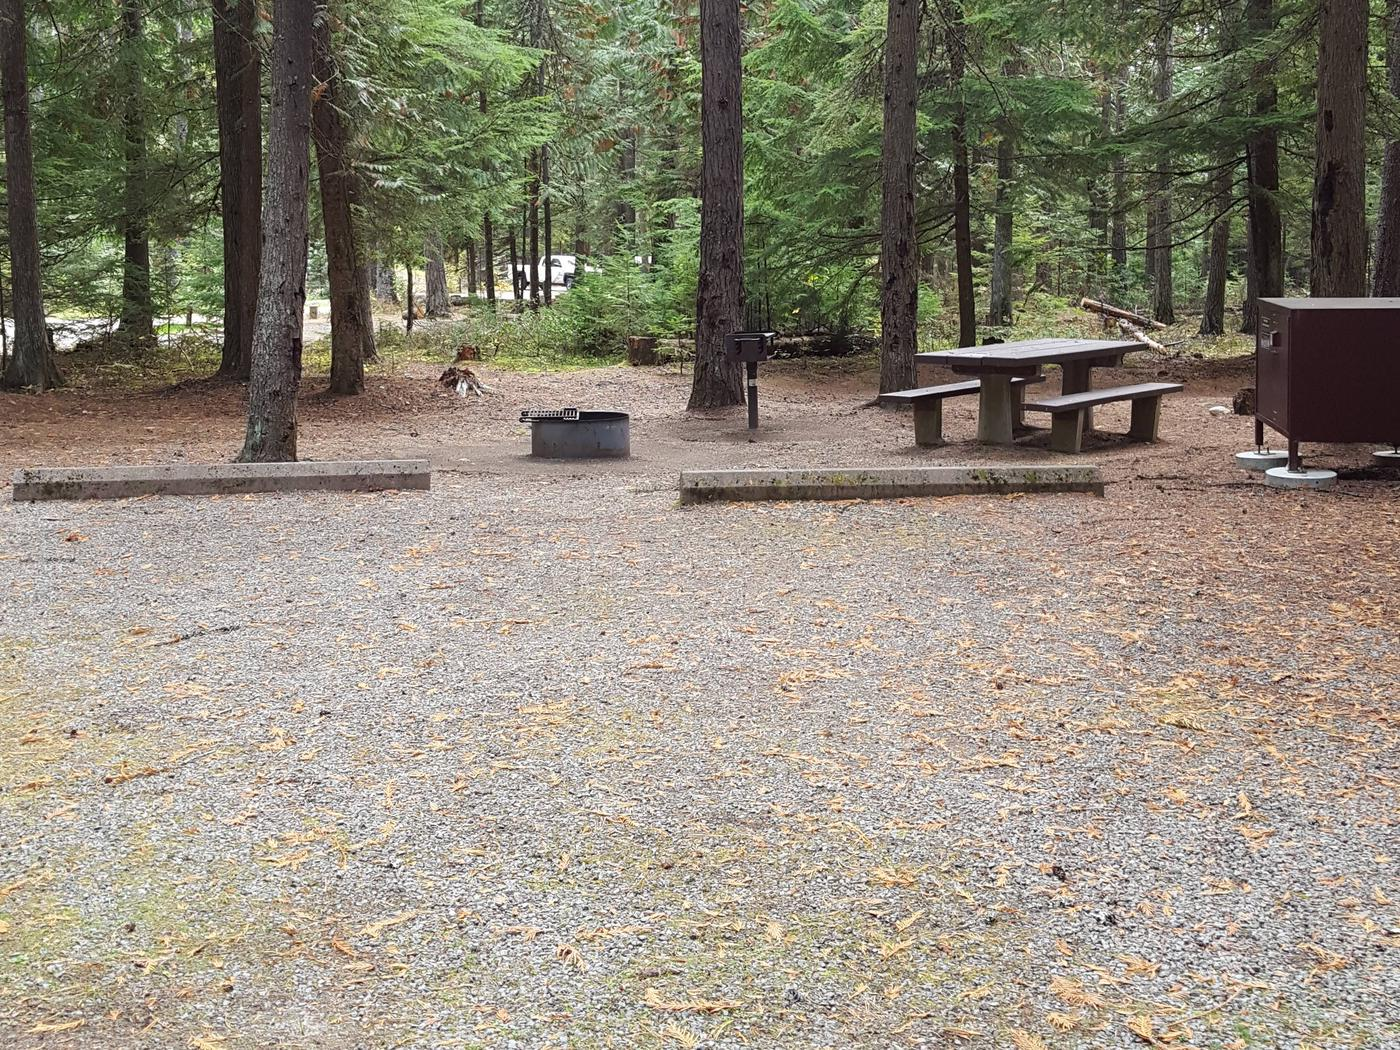 Reeder Bay Campground Site 4